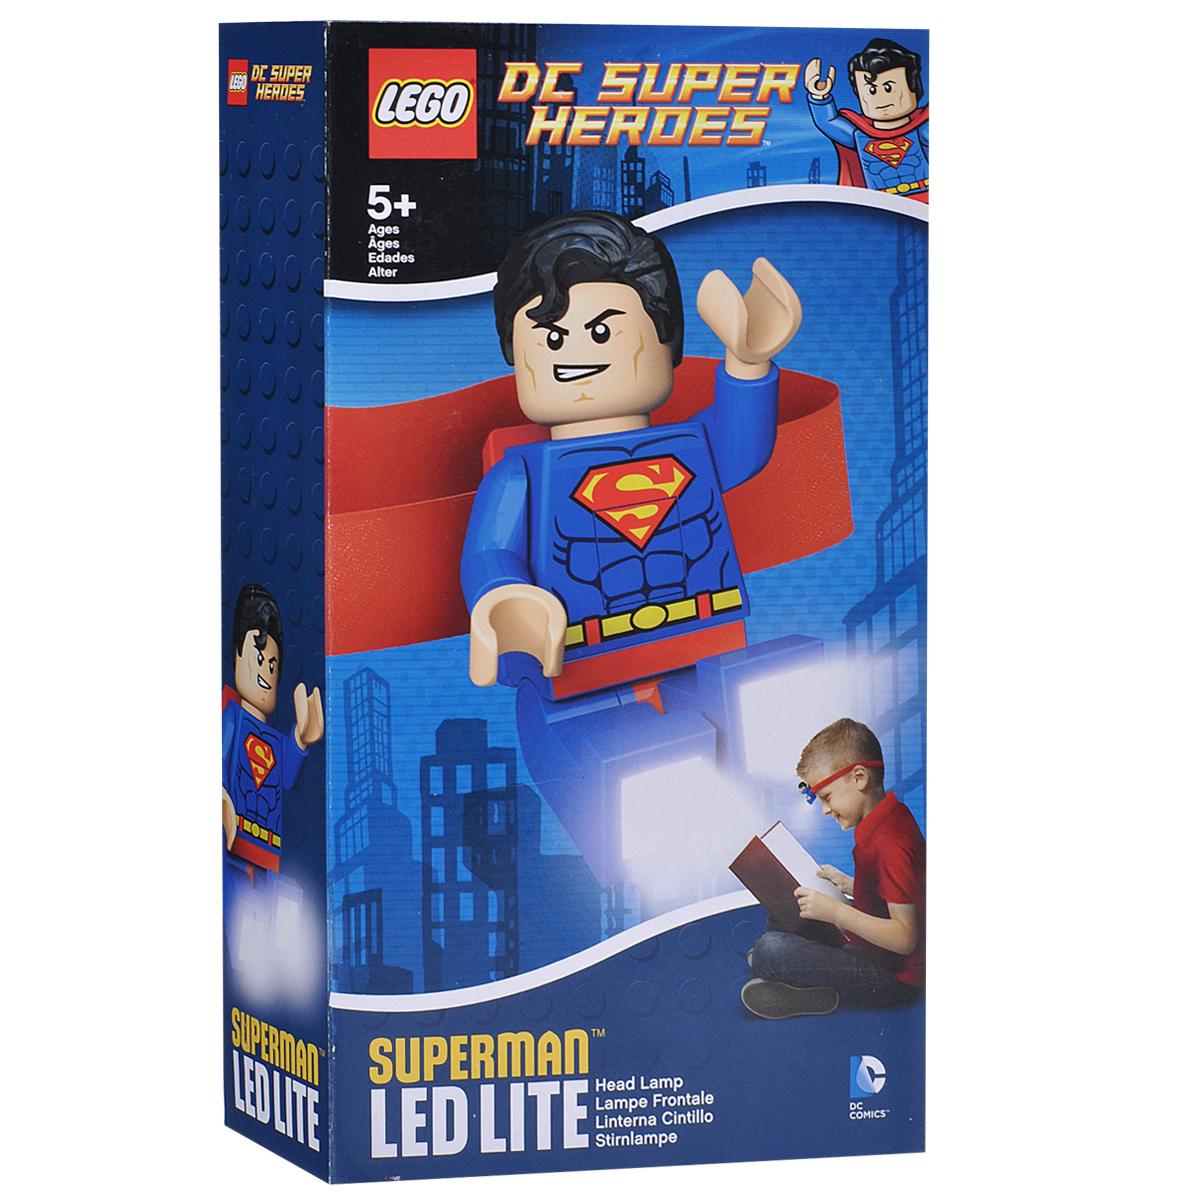 Налобный фонарик Lego Superman. LGL-HE7LGL-HE7Налобный фонарик Lego Superman исполненный в виде бесстрашного супергероя, станет верным спутником при любом занятии вашего ребенка. Фонарик станет незаменимым в походах, при чтении книг, конструировании, собирании мозайки и других интересных занятиях и играх. Главное отличие этого изделия заключается в том, что он не только освещает нужное пространство, но и оставляет руки хозяина свободными. Яркие светодиодные лампы встроены в ступни героя. Супергерой может вращать конечностями, что позволяет использовать его как игрушку, а также направлять светодиодные лампы в двух направлениях. Работает устройство от двух круглых батареек, которые входят в комплект. Характеристики:Материал: пластик, металл. Размер игрушки: 7 см х 4 см.Изготовитель: Китай.BR>В комплекте c батарейками 2 хСR2025 3v.